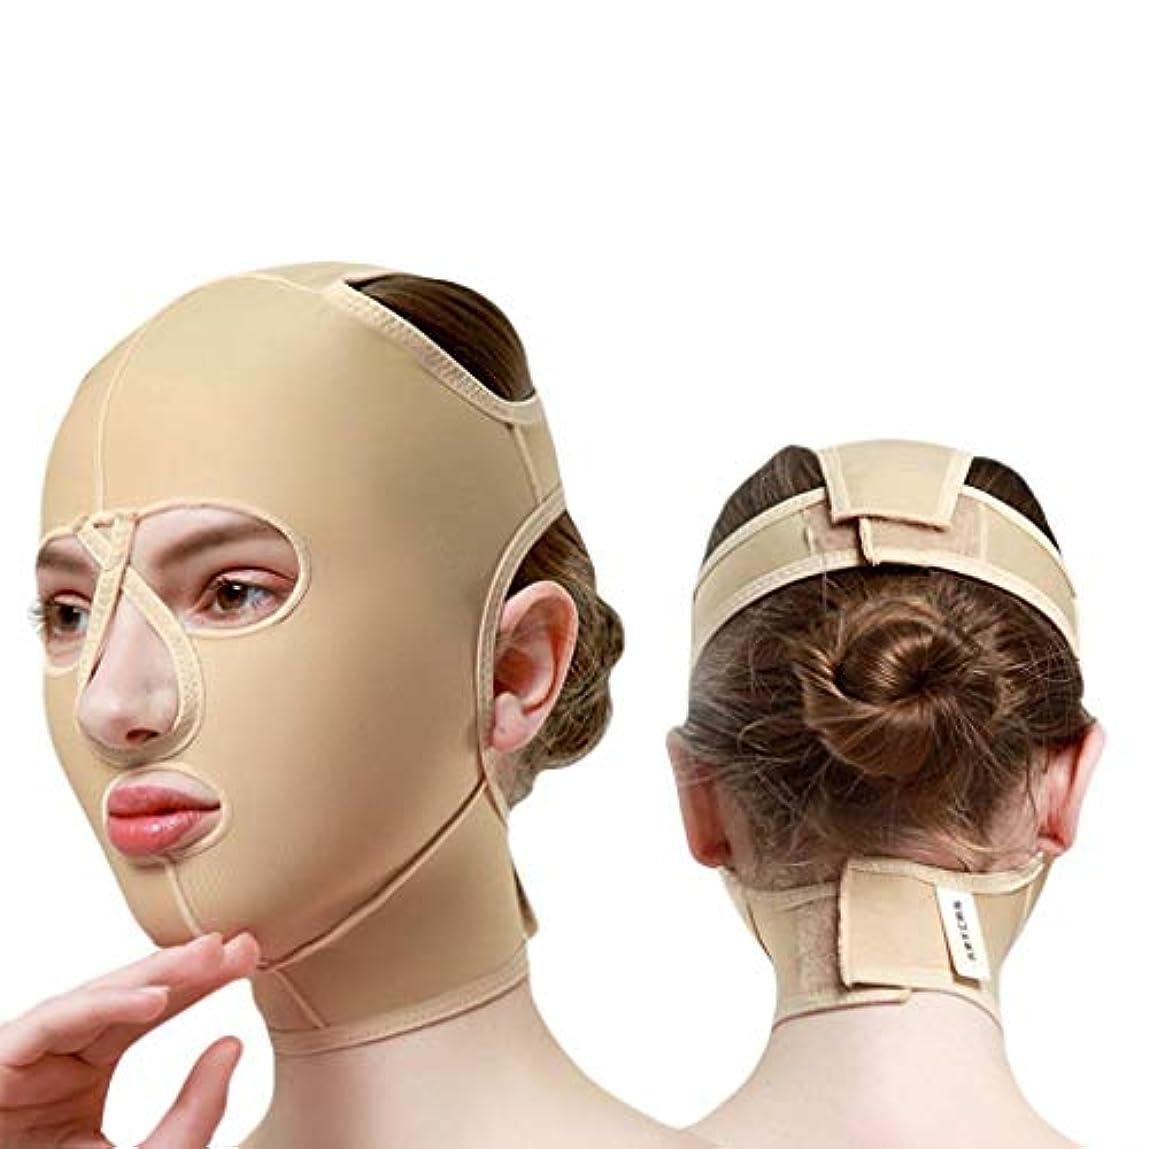 チンストラップ、顔彫りツール、リフティングマスク、ダブルチンリデューサー、フェイスリフティングエラスティックマスクメス(サイズ:M),L